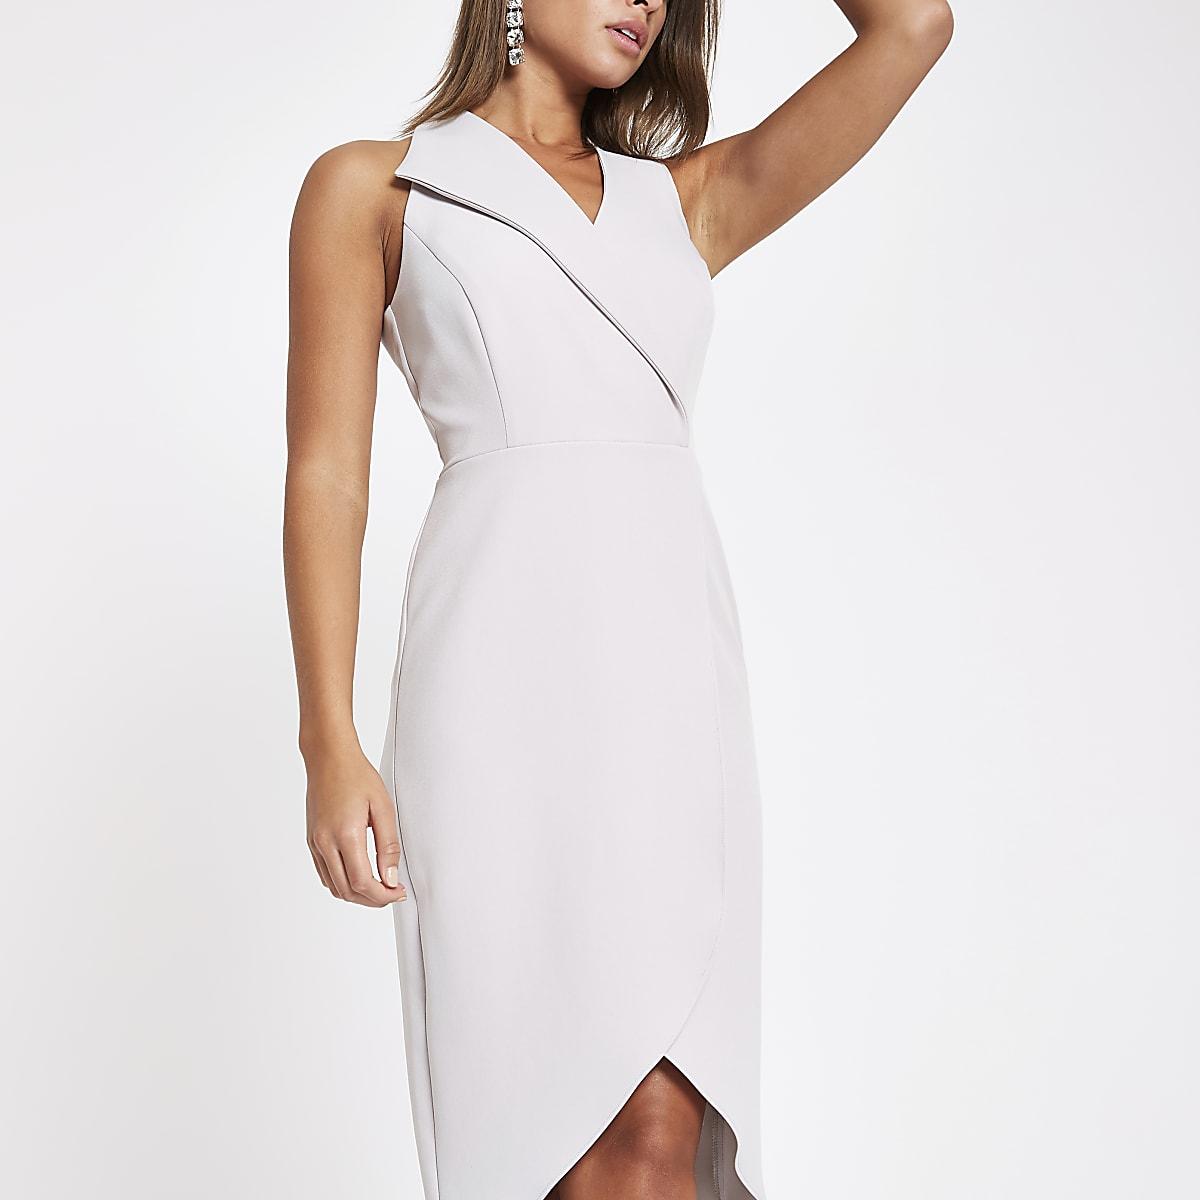 c04e3c796c94d6 Grijze mouwloze midi-jurk met overslag voor - Bodyconjurken - Jurken ...